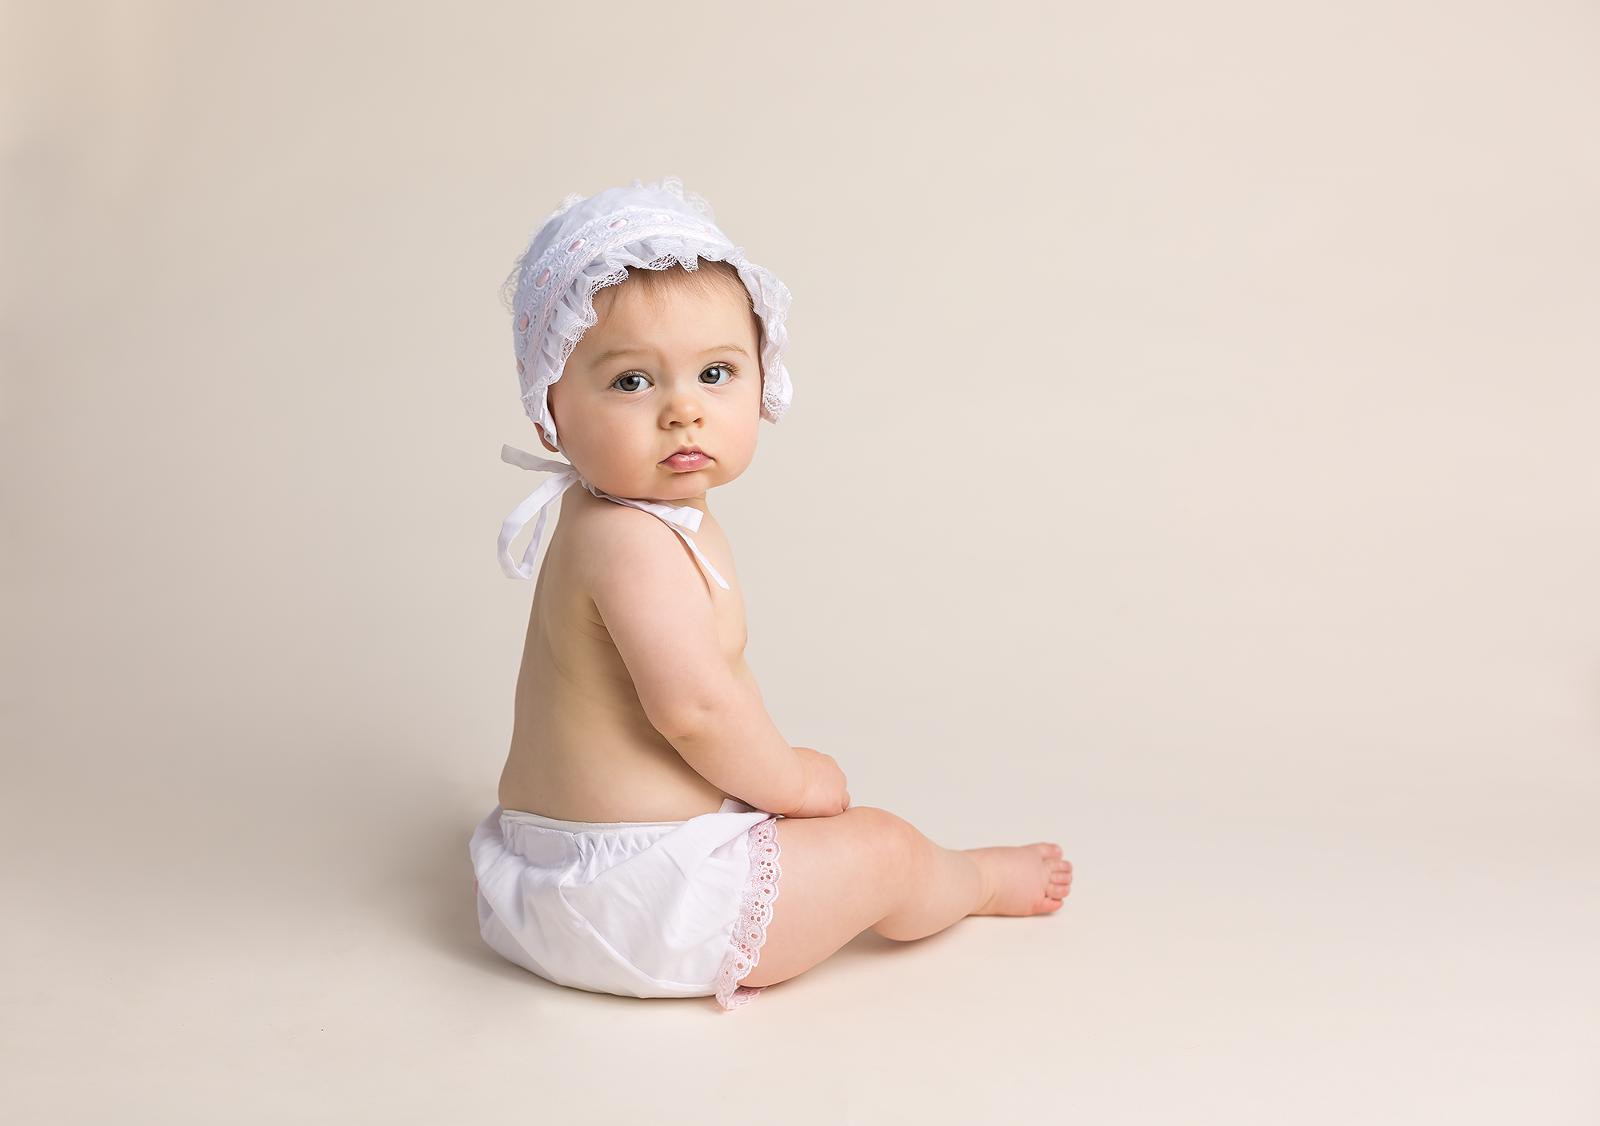 girl in white dress wearing a bonnet